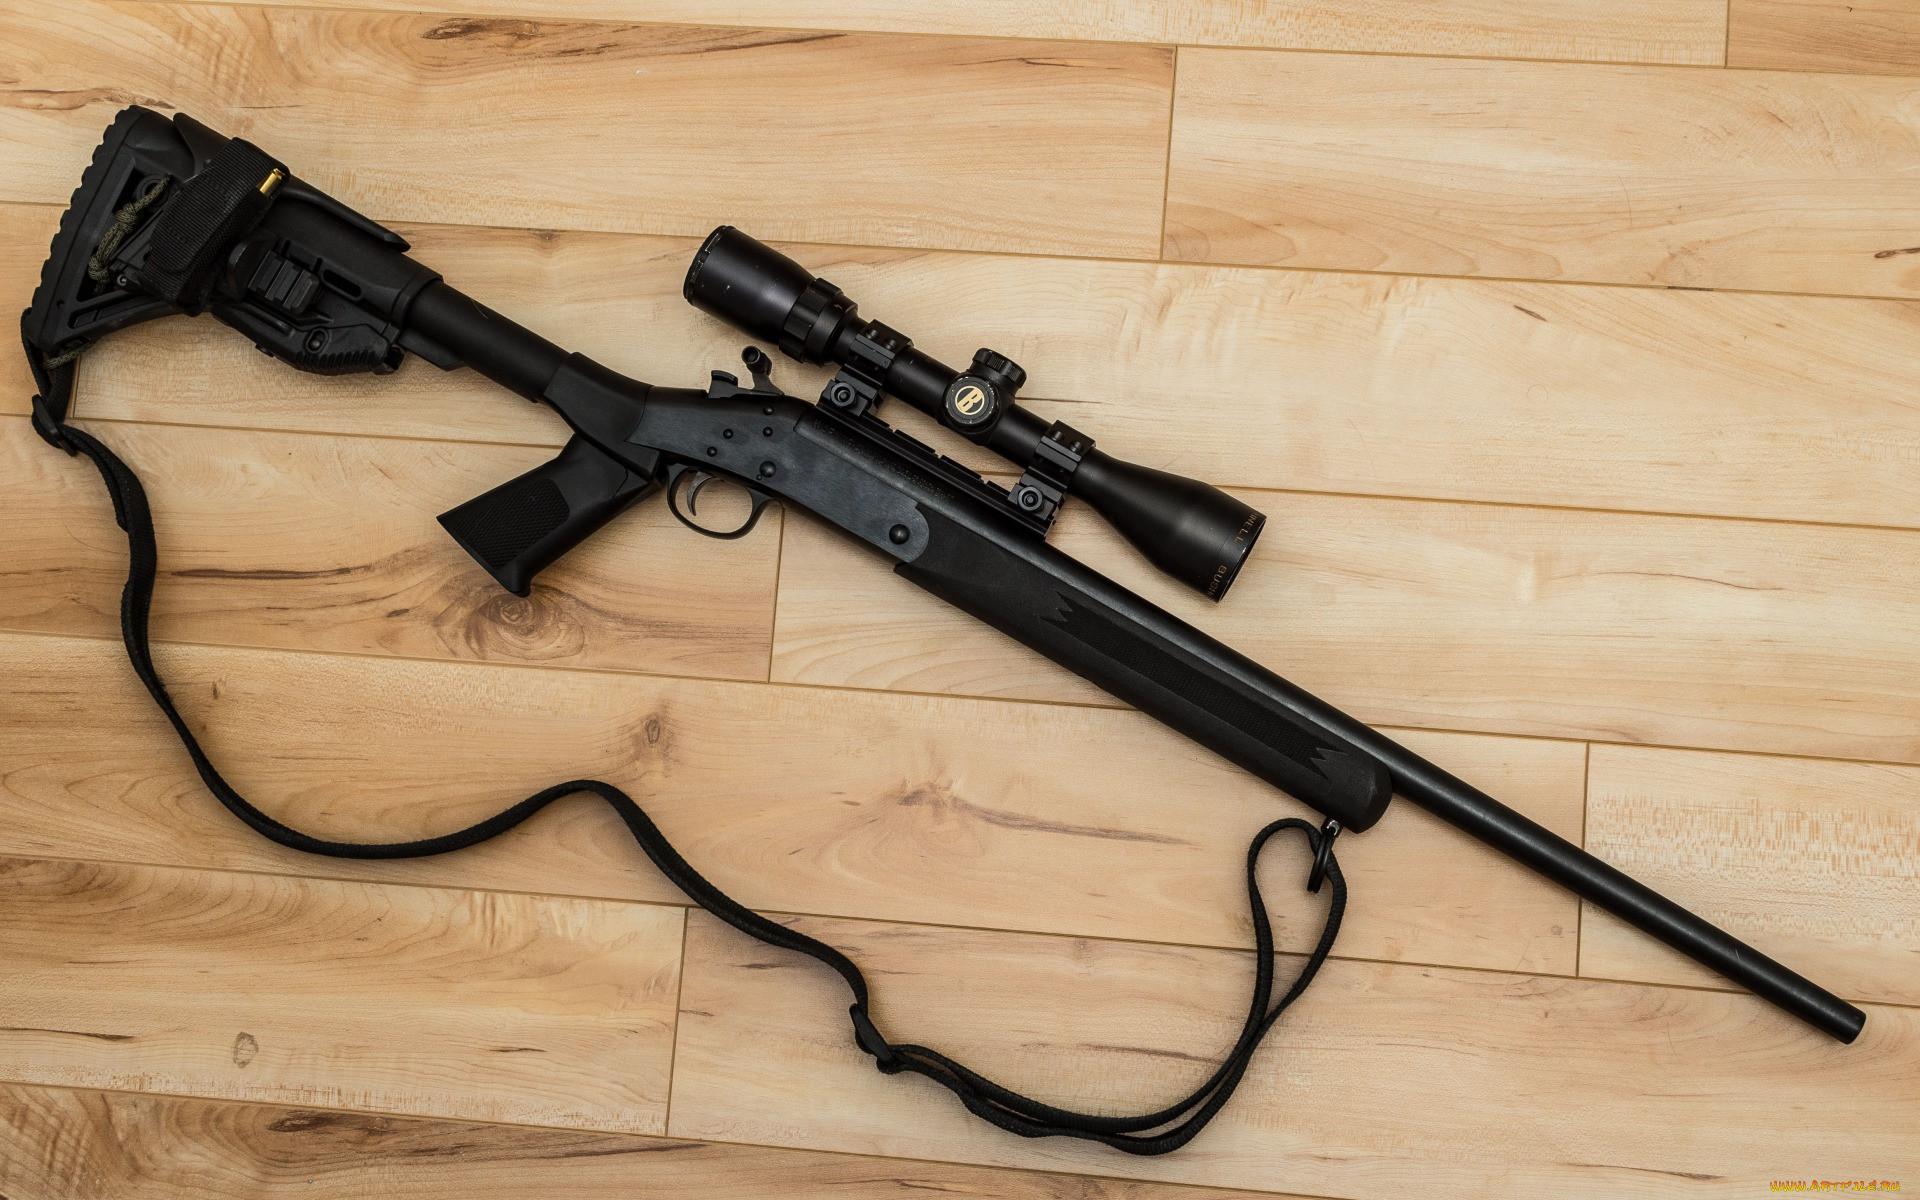 украшения праздничного фото винтовок с оптическим прицелом пришла смену